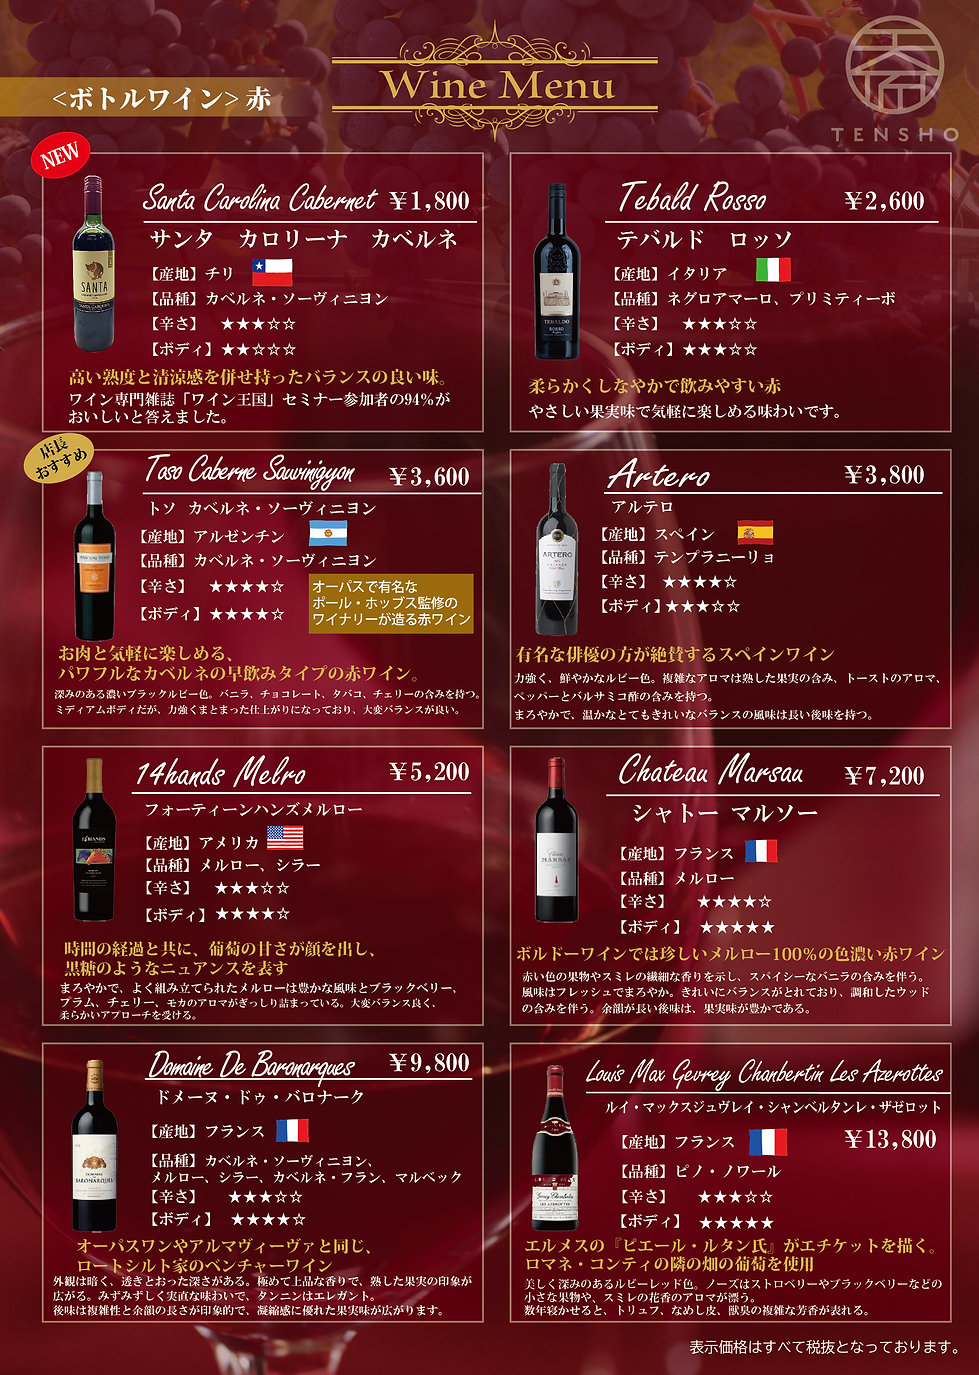 new赤ワイン印刷_アートボード 1.jpg